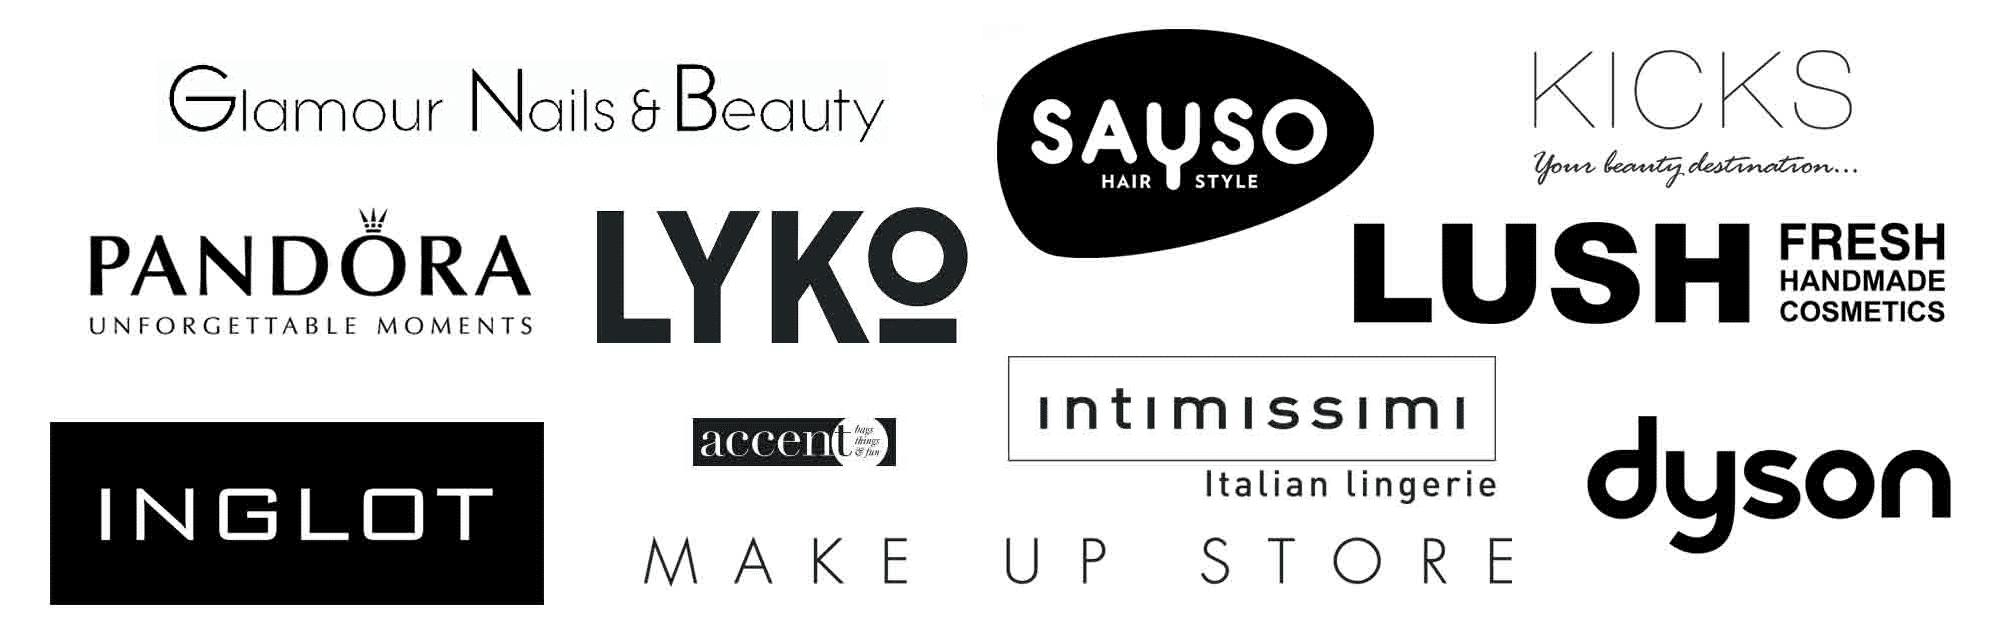 Beauty Mall Logos